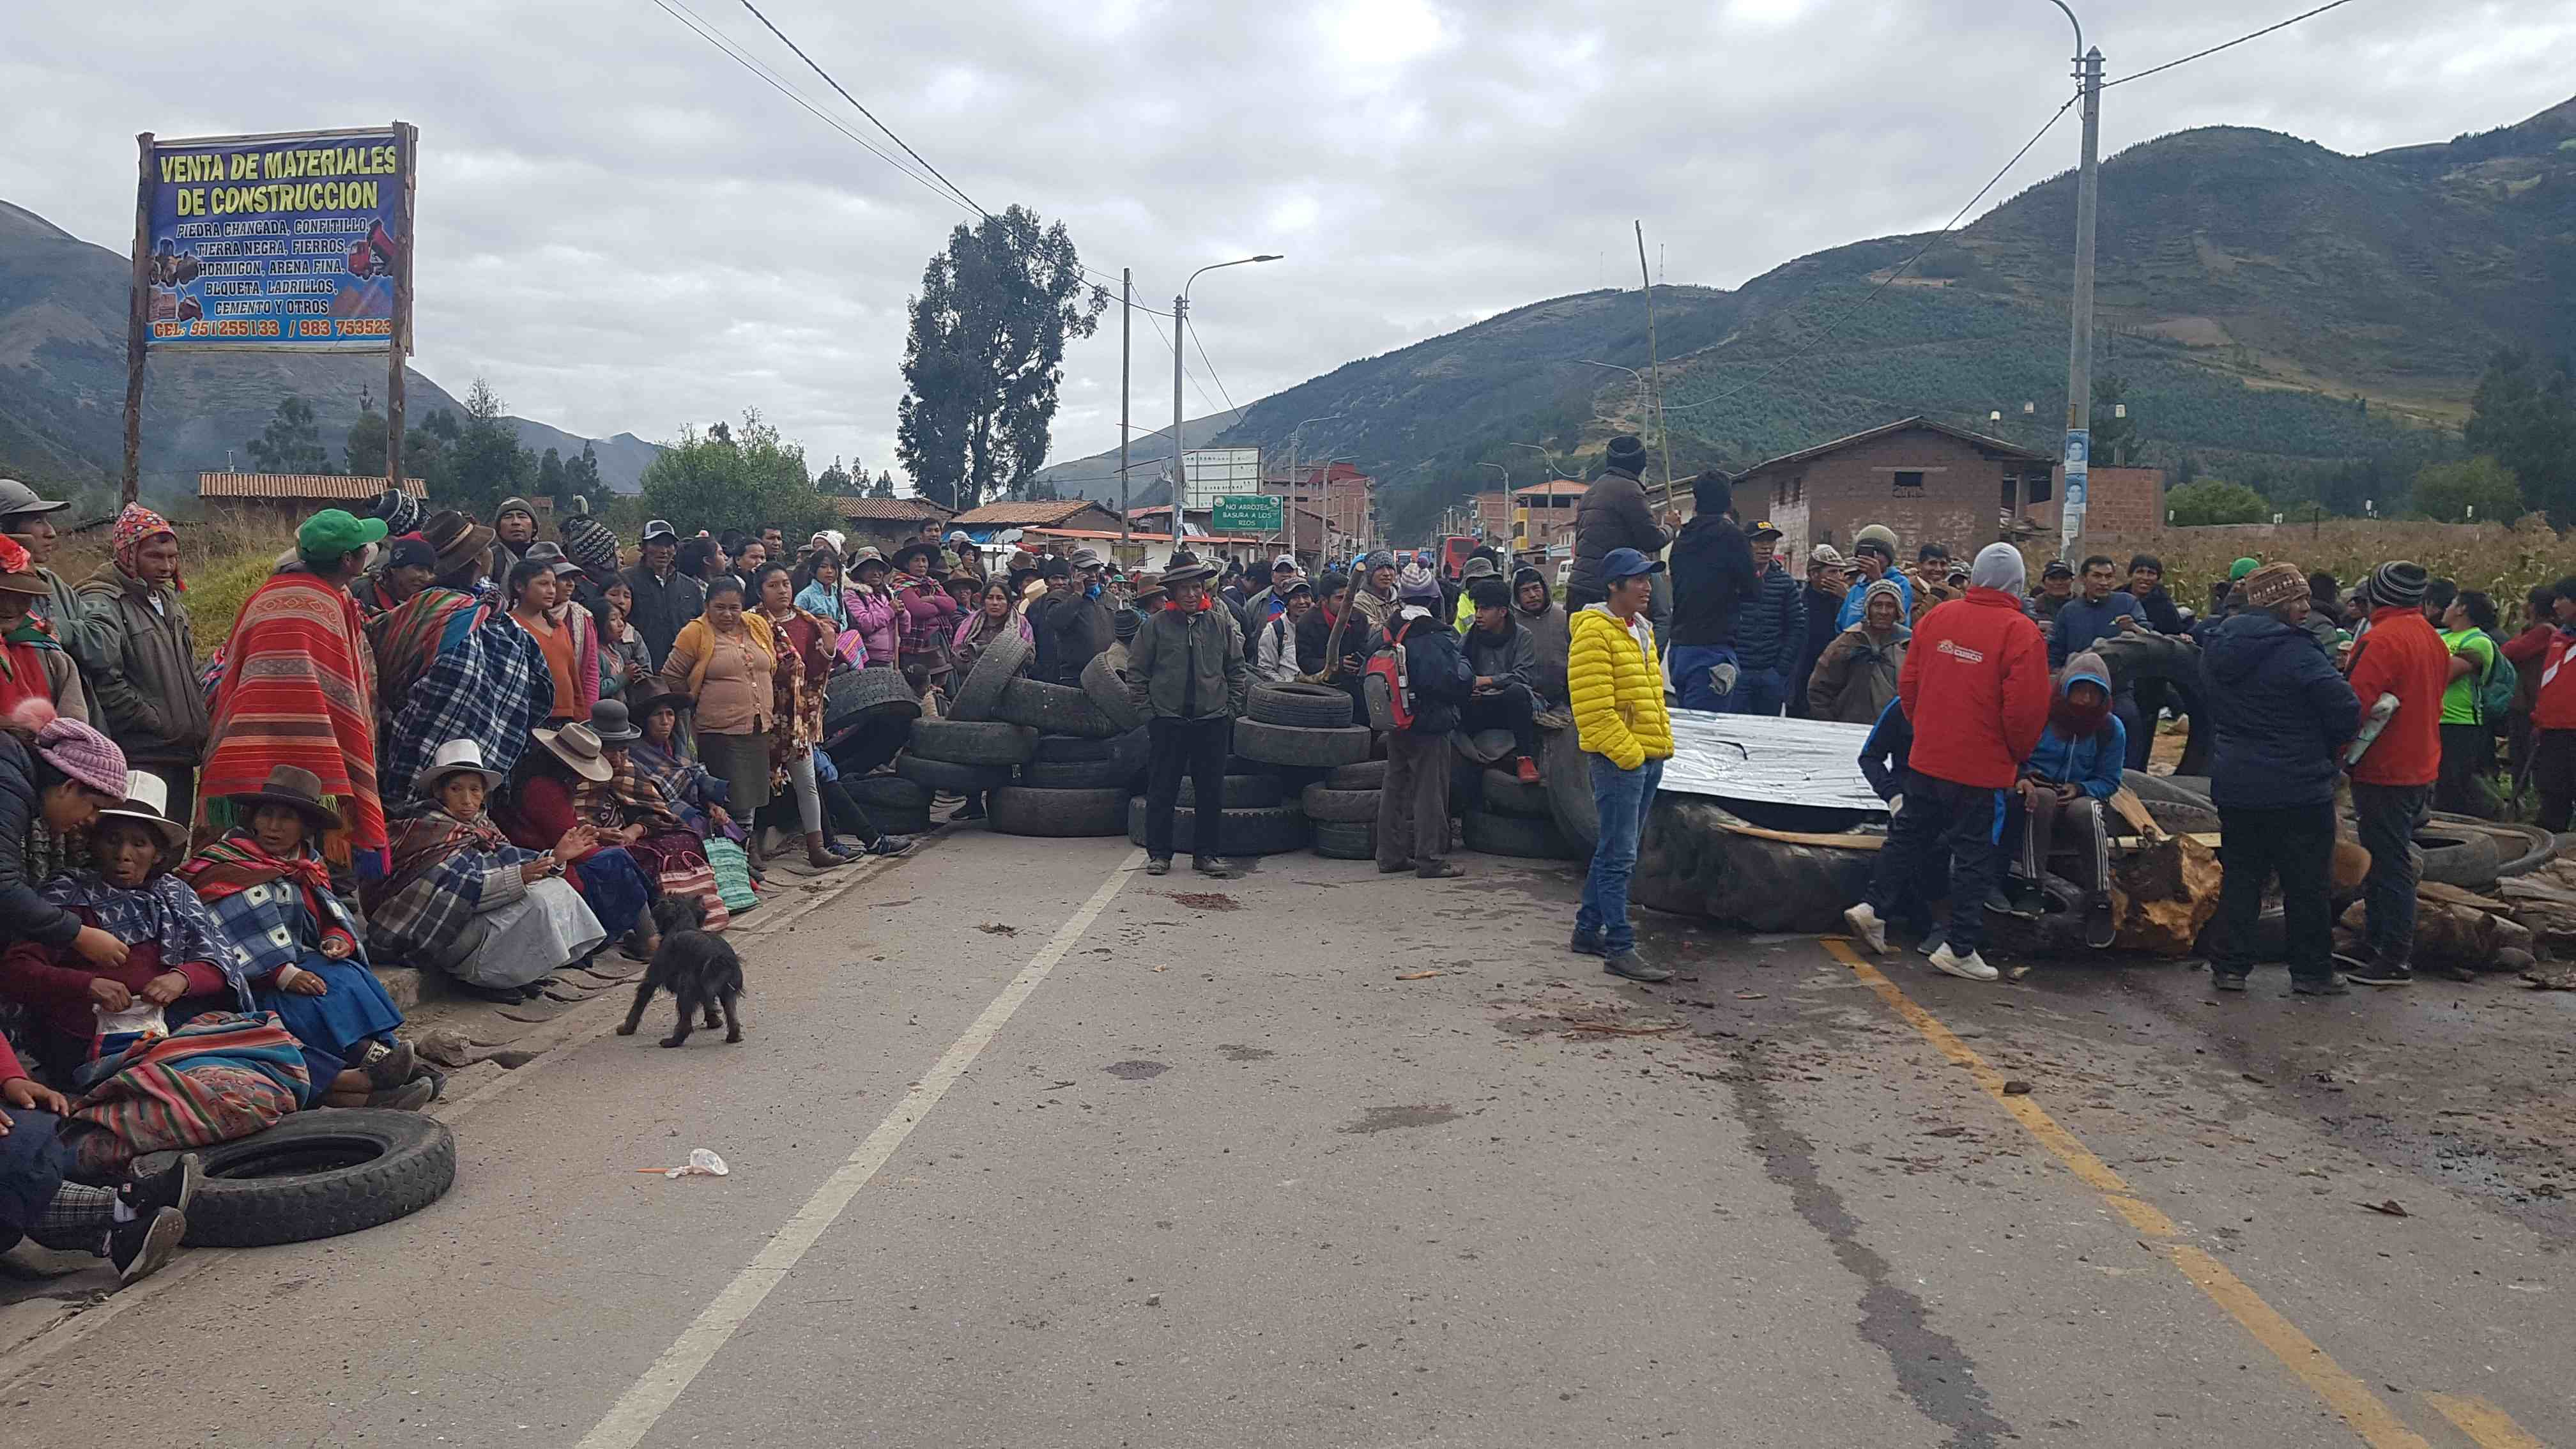 Straßenblockade von Bolivien nach Perú 🇧🇴🇵🇪